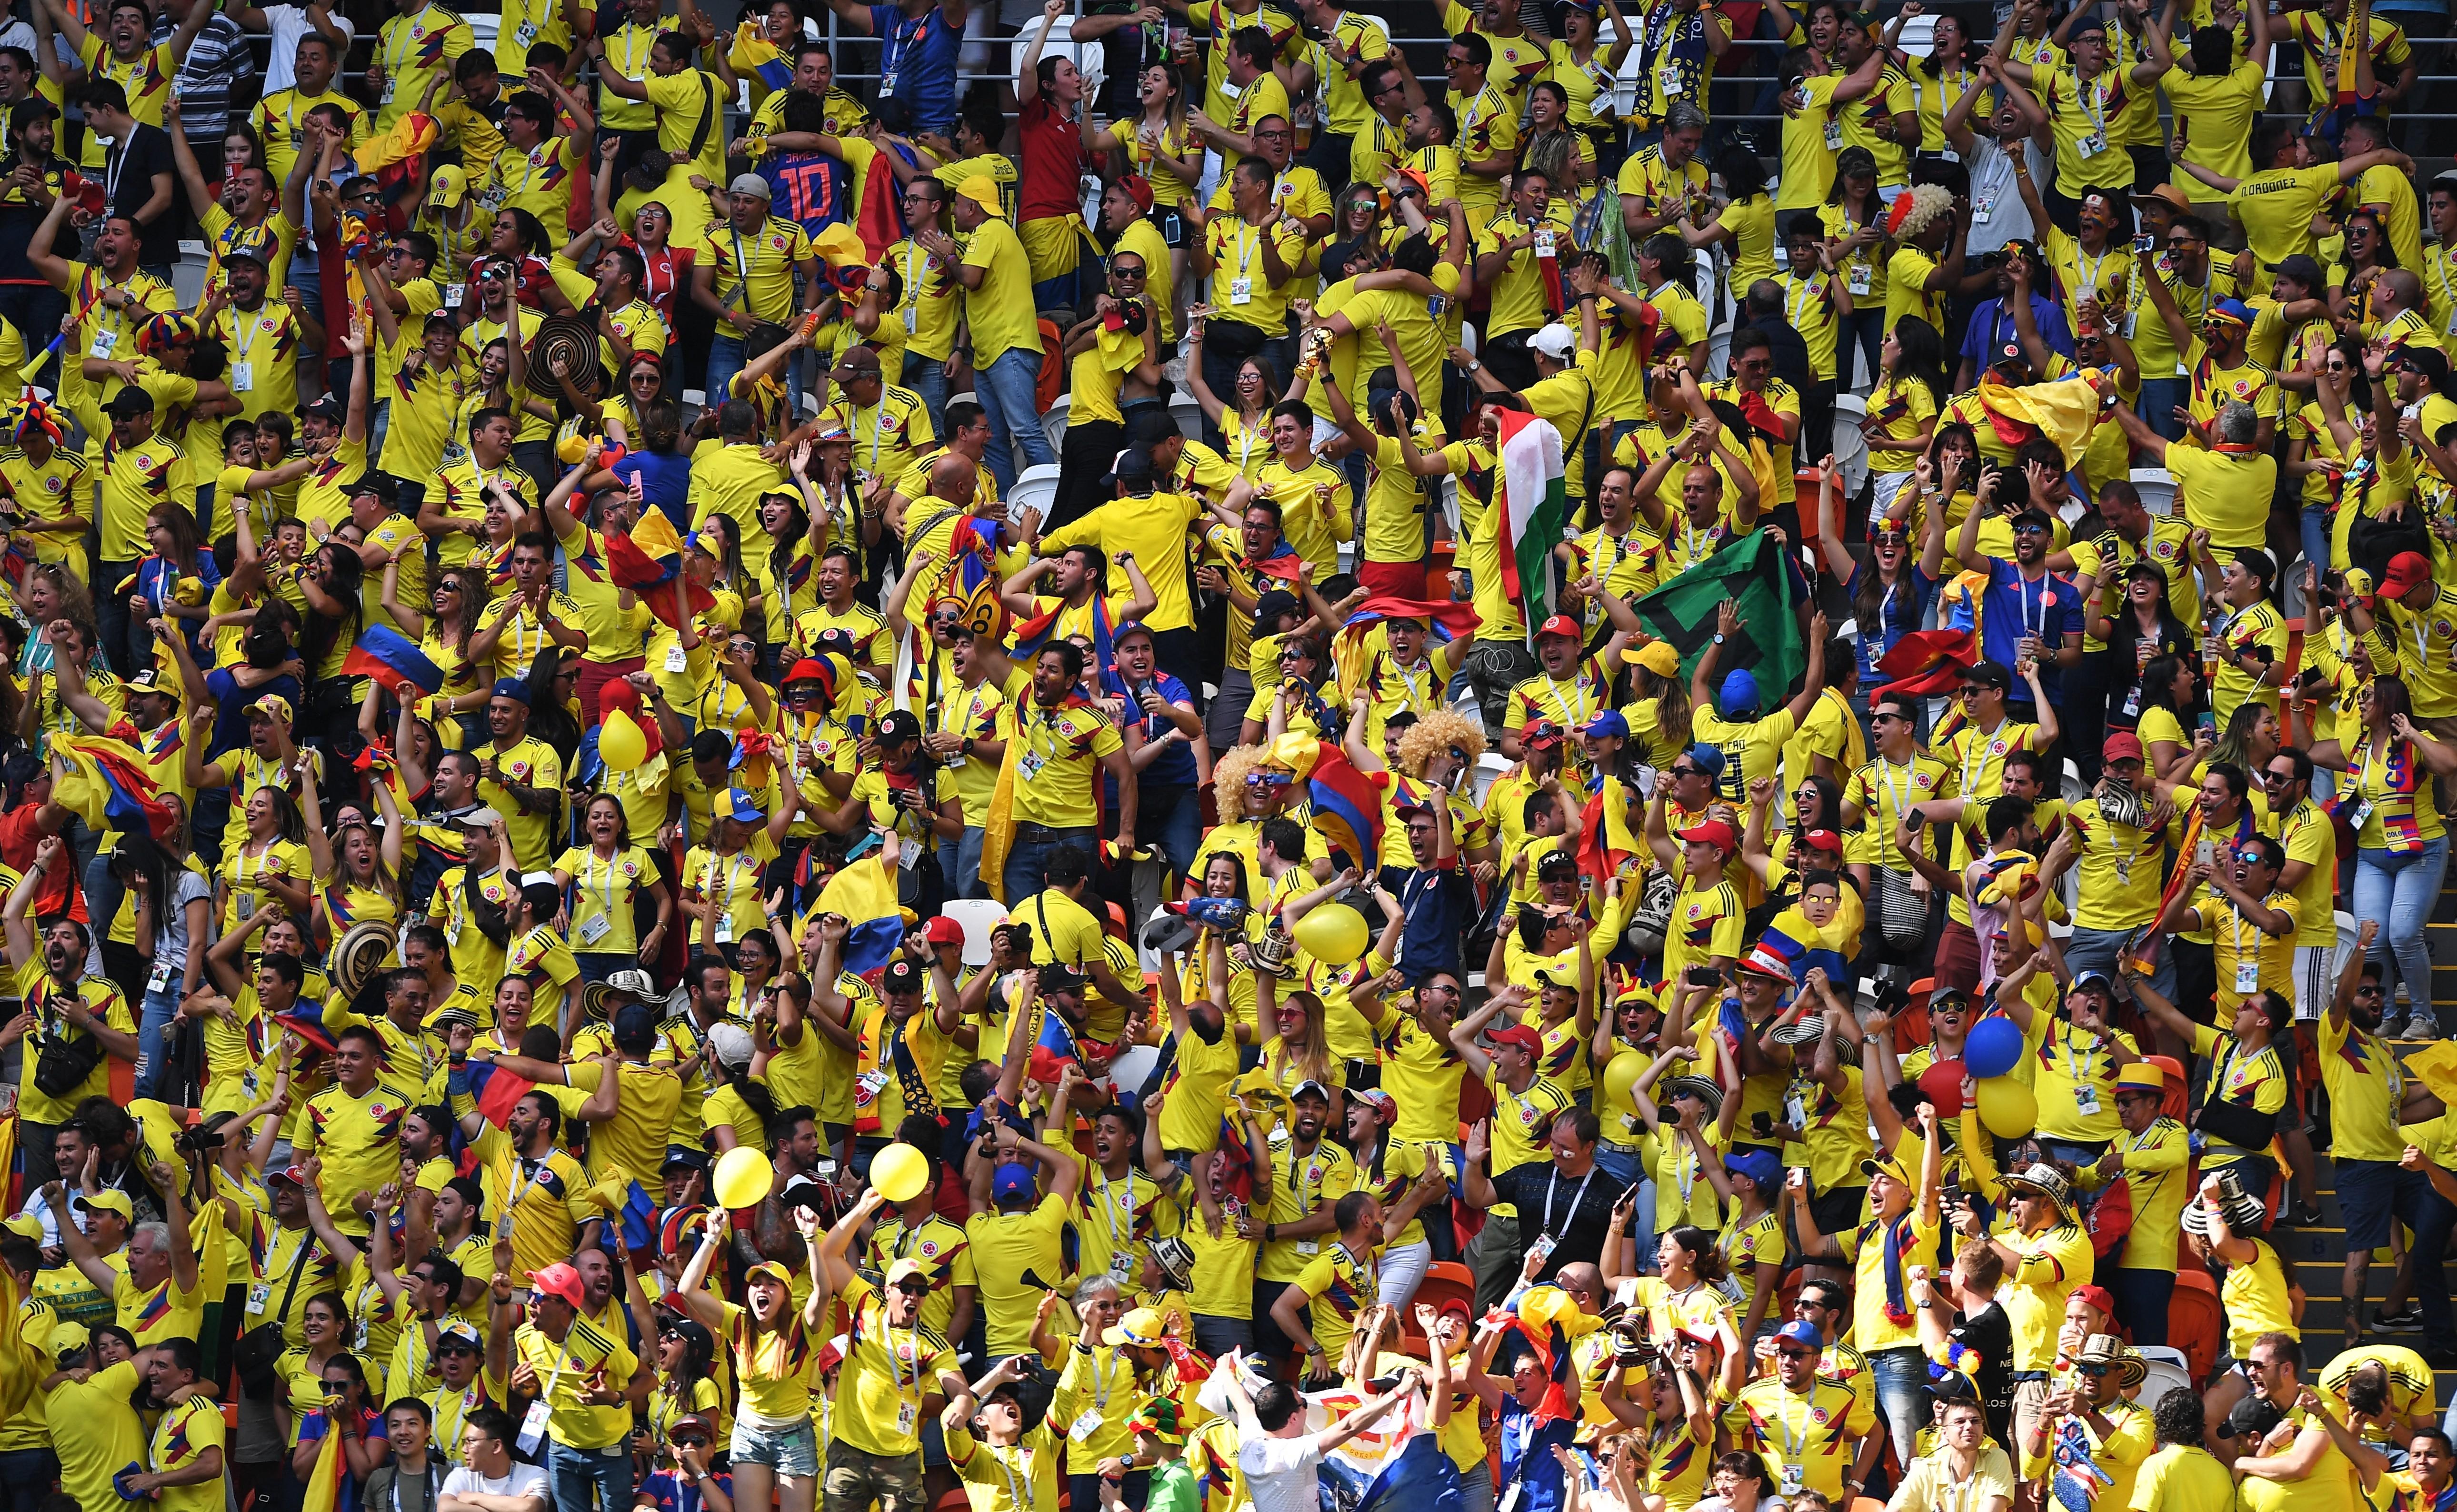 <p>Болельщики сборной Колумбии. Фото: &copy; РИА Новости/Максим Блинов</p>